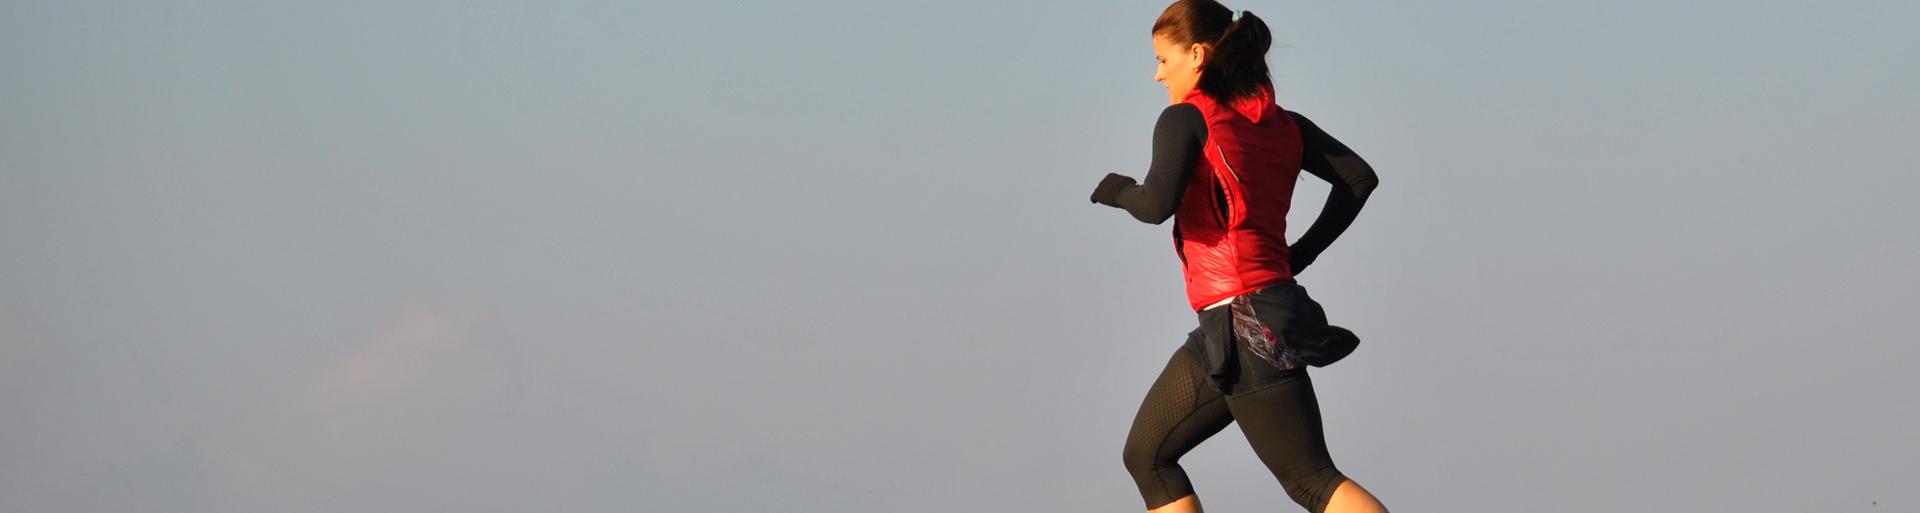 Mindent a futásról nőknek Németh Györgyi blogja